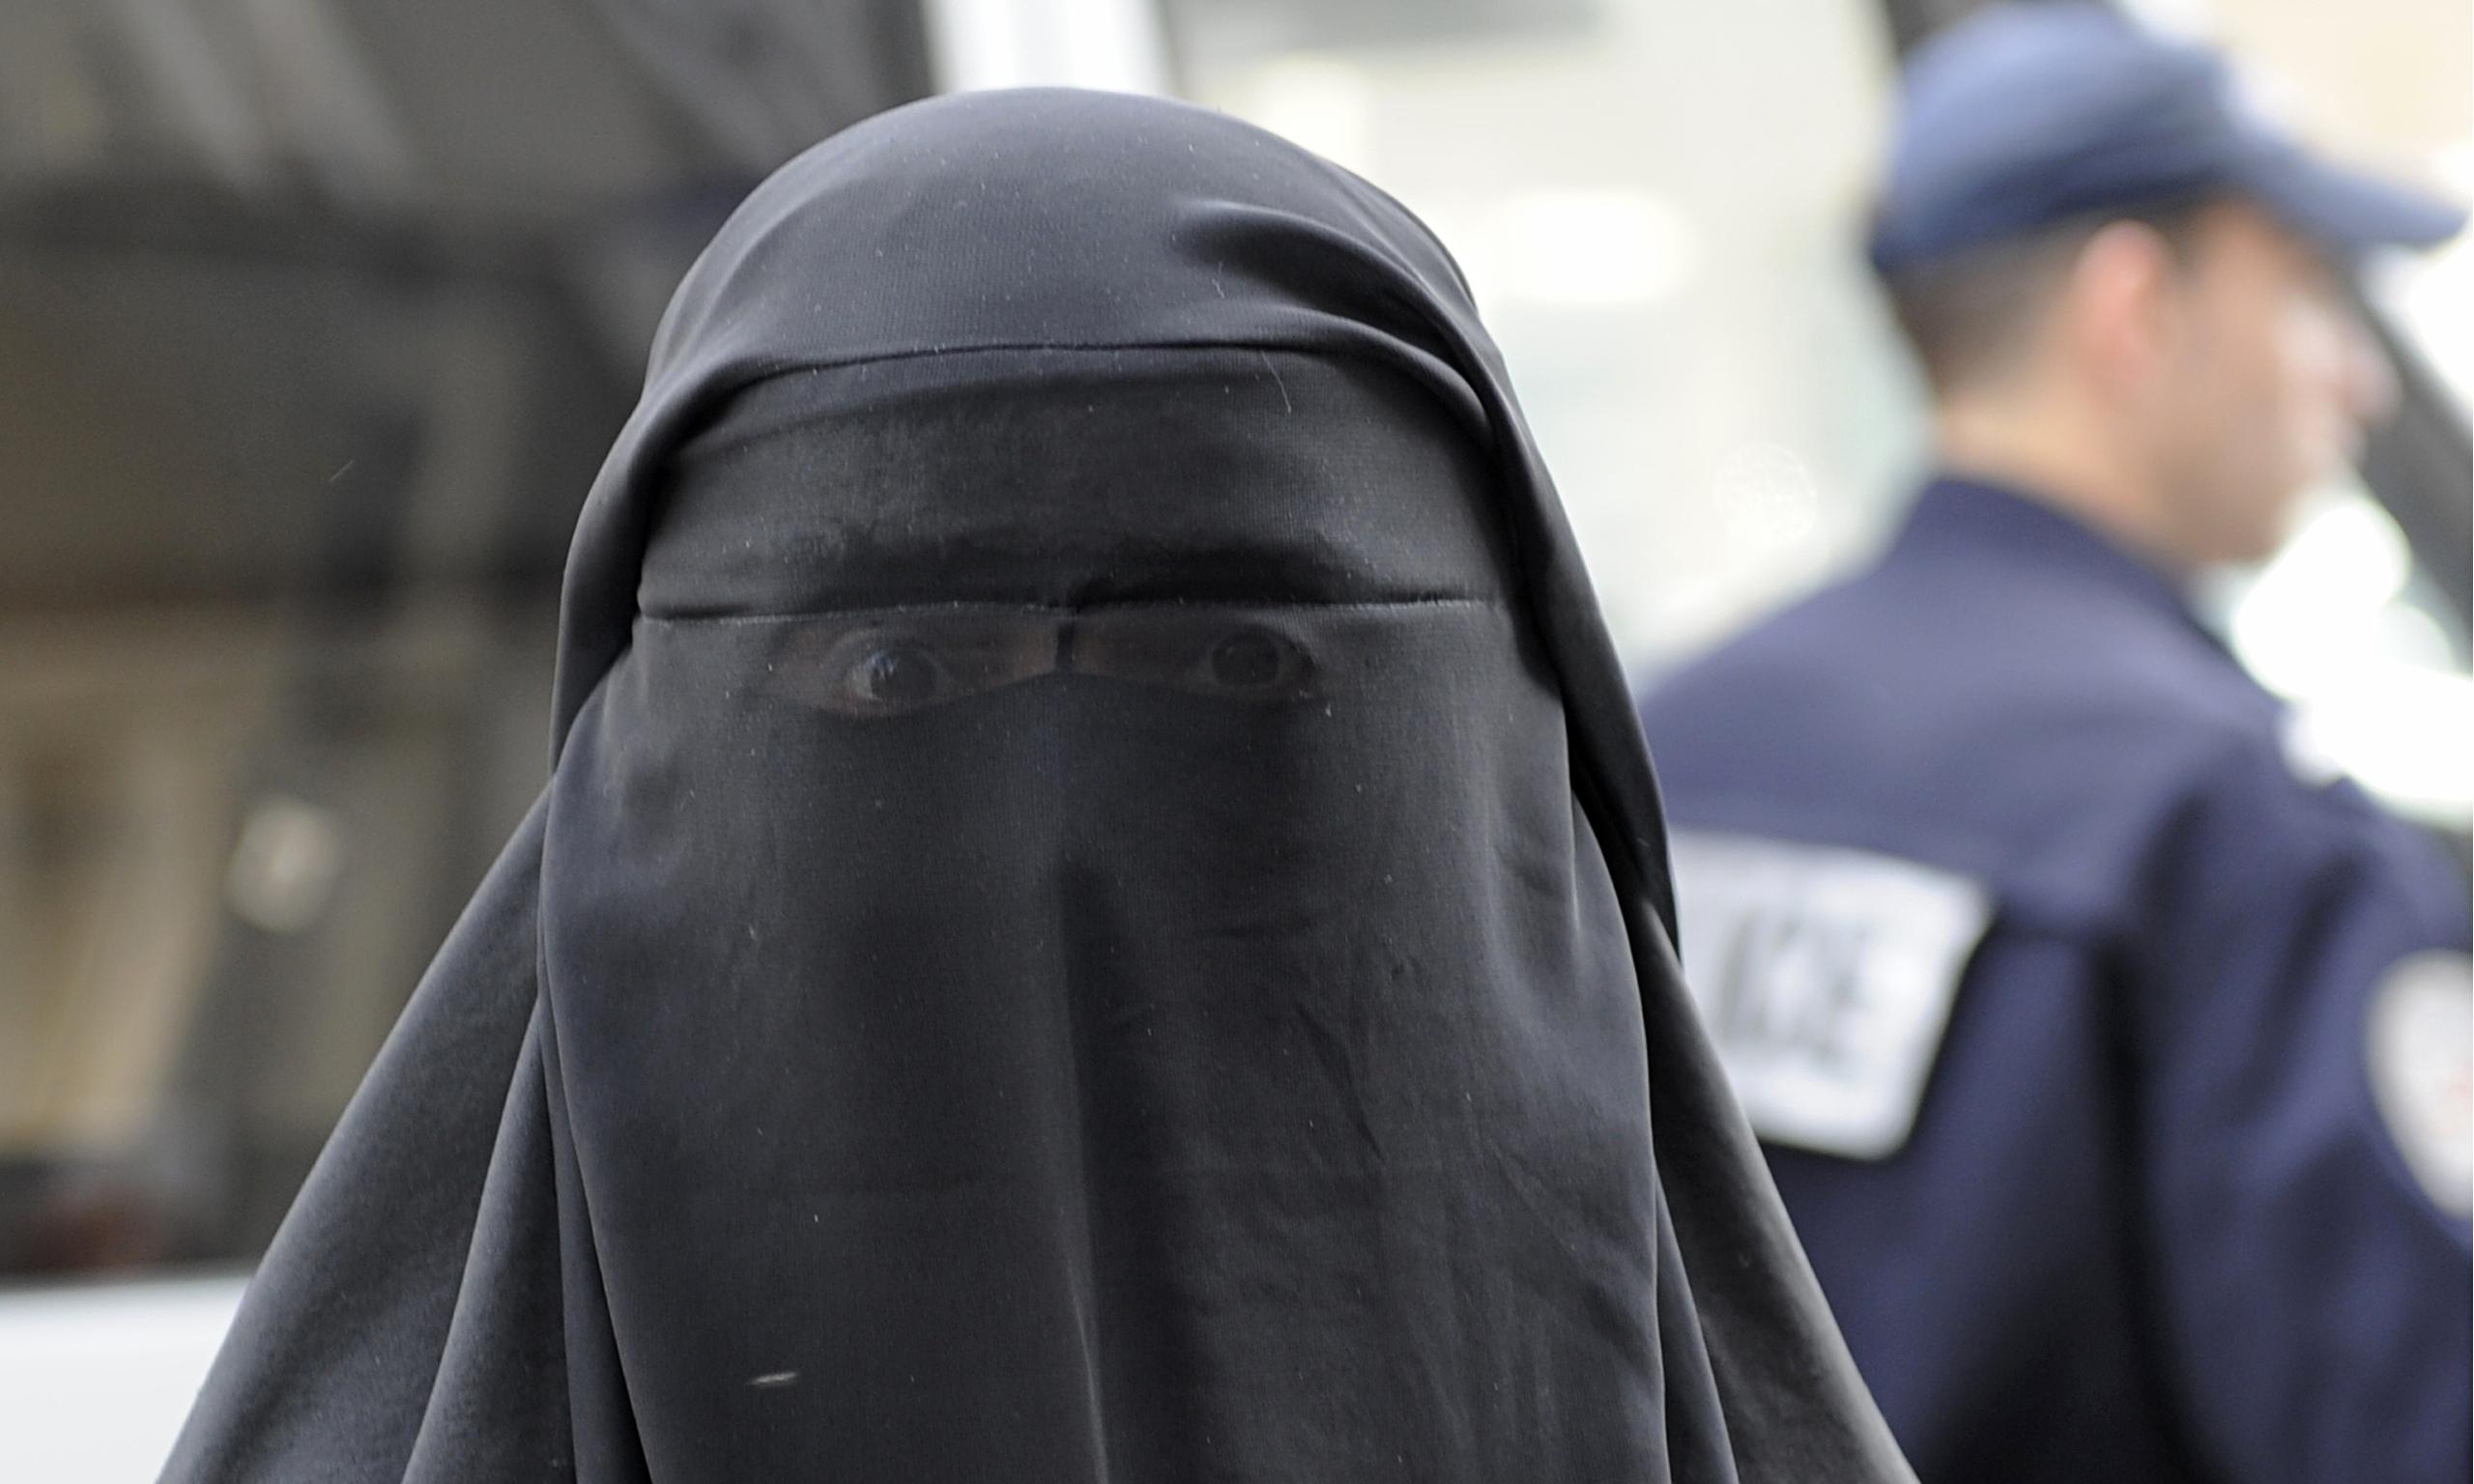 Niente niqab in una scuola tedesca